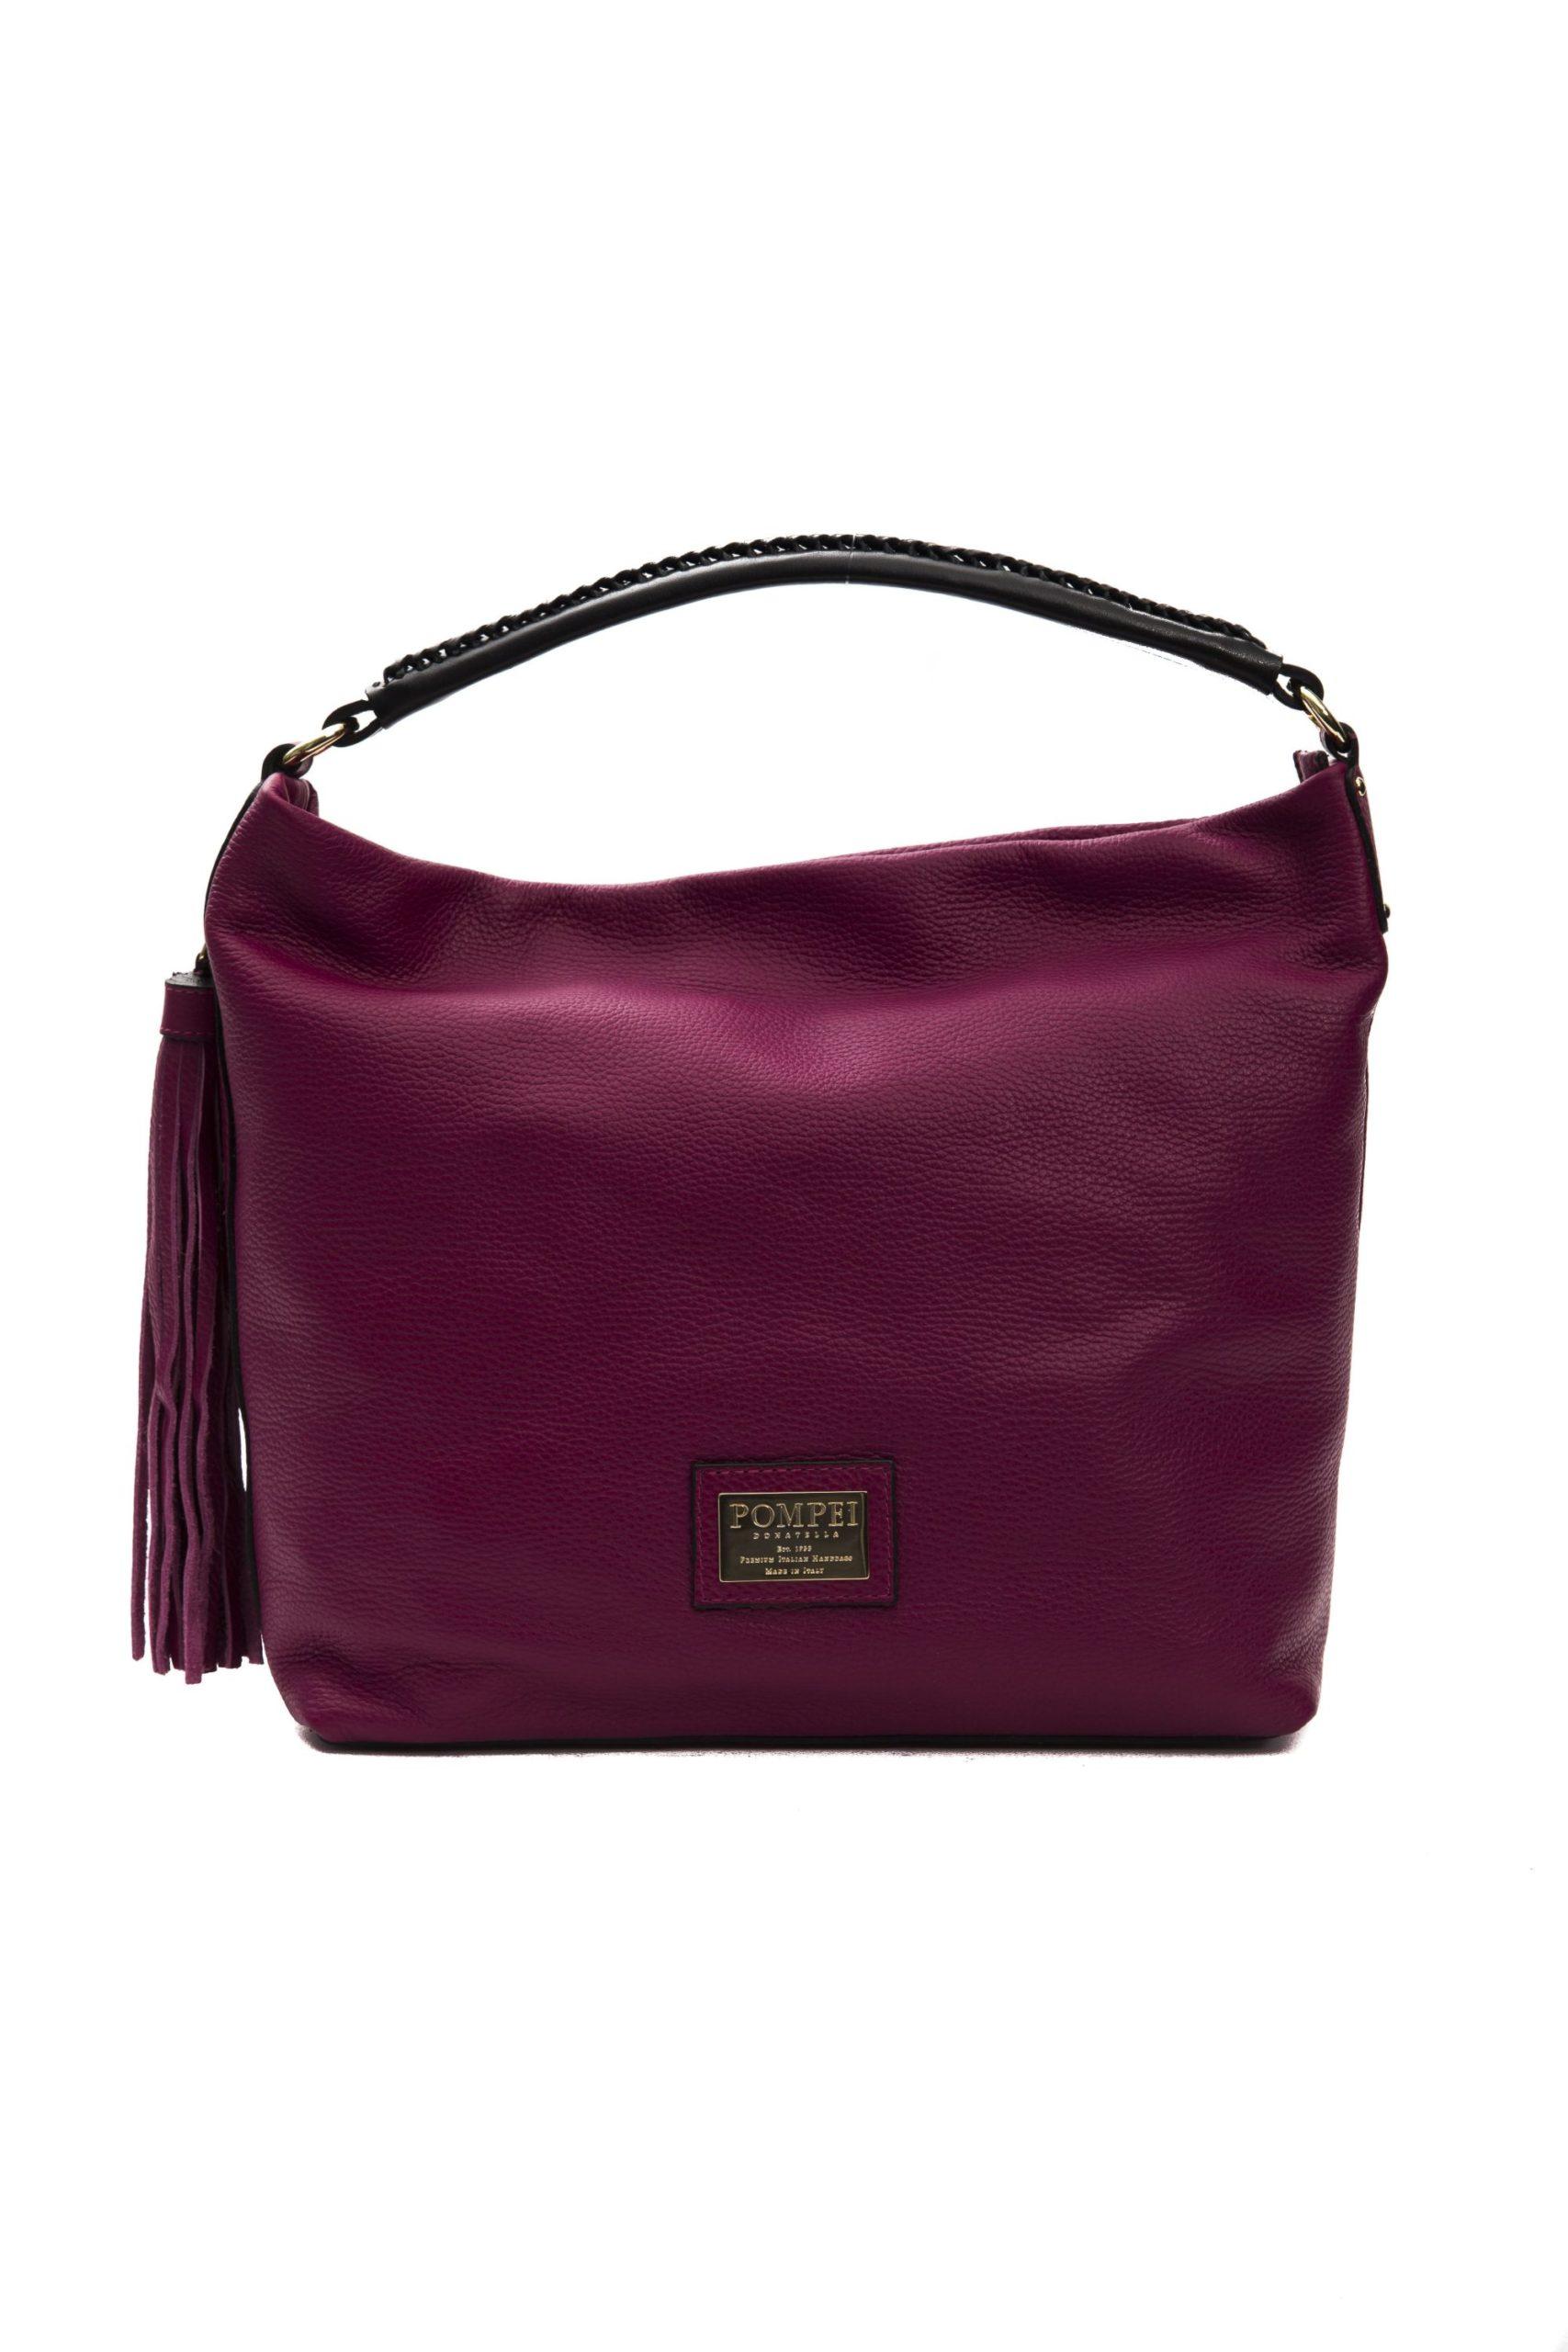 Pompei Donatella Women's Amaranto Shoulder Bag Burgundy PO1005061